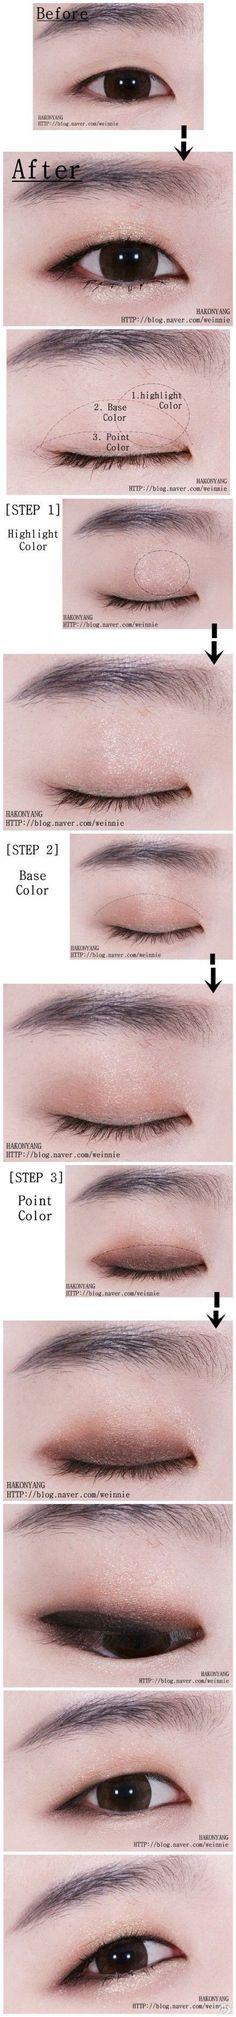 รวม How-To แต่งตาสำหรับสาวหมวย ตาชั้นเดียว (แบบภาพ)